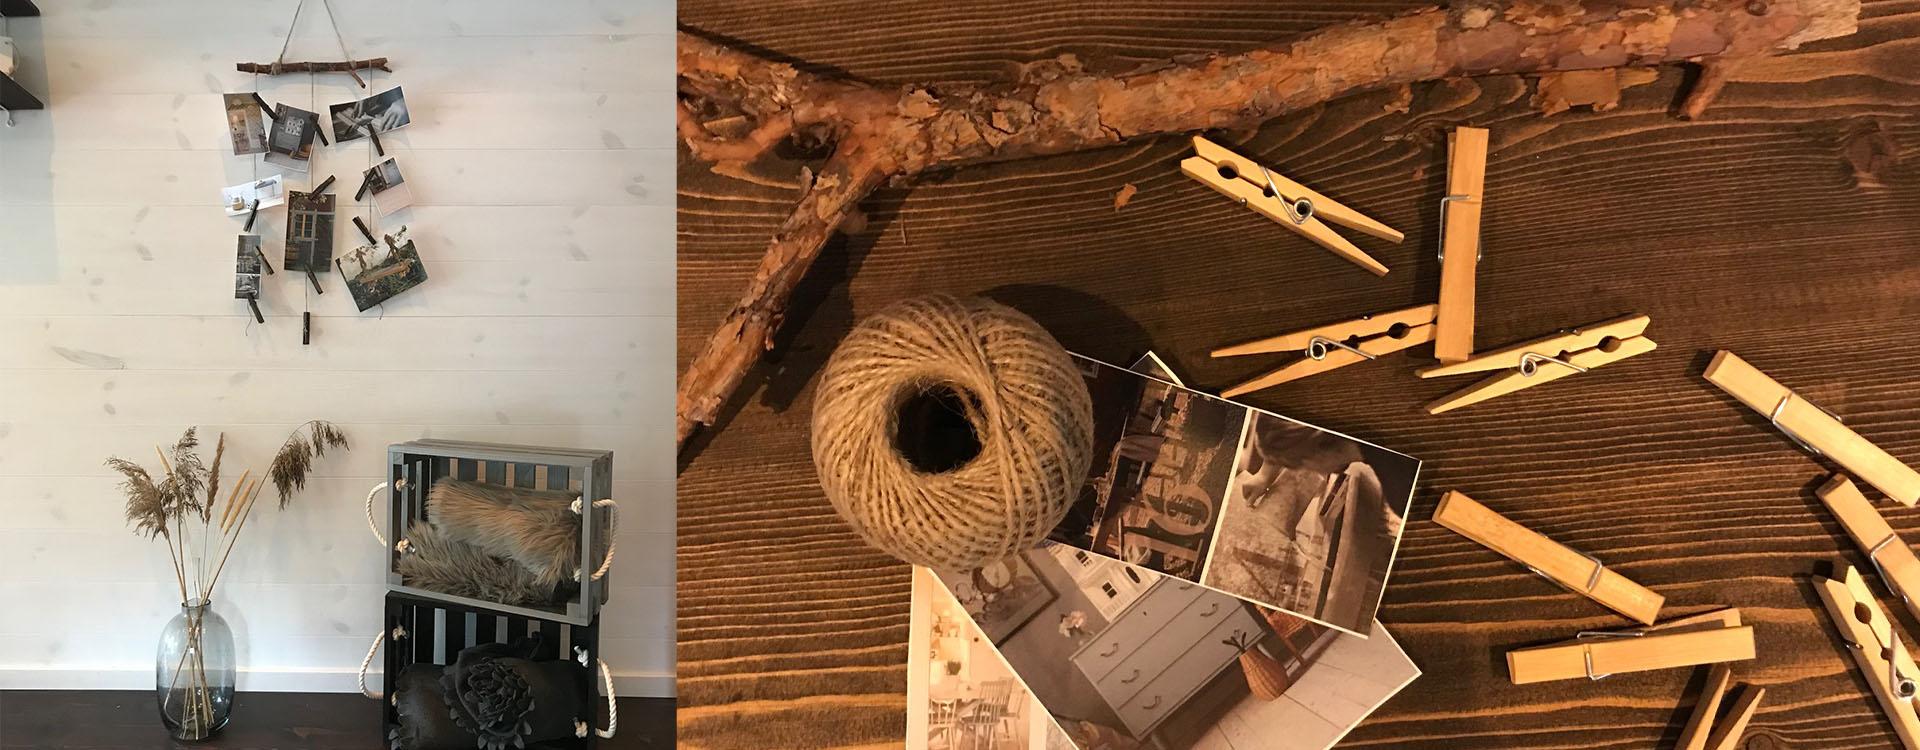 DIY betsa hängare klädnypa lackbets aqua tjära